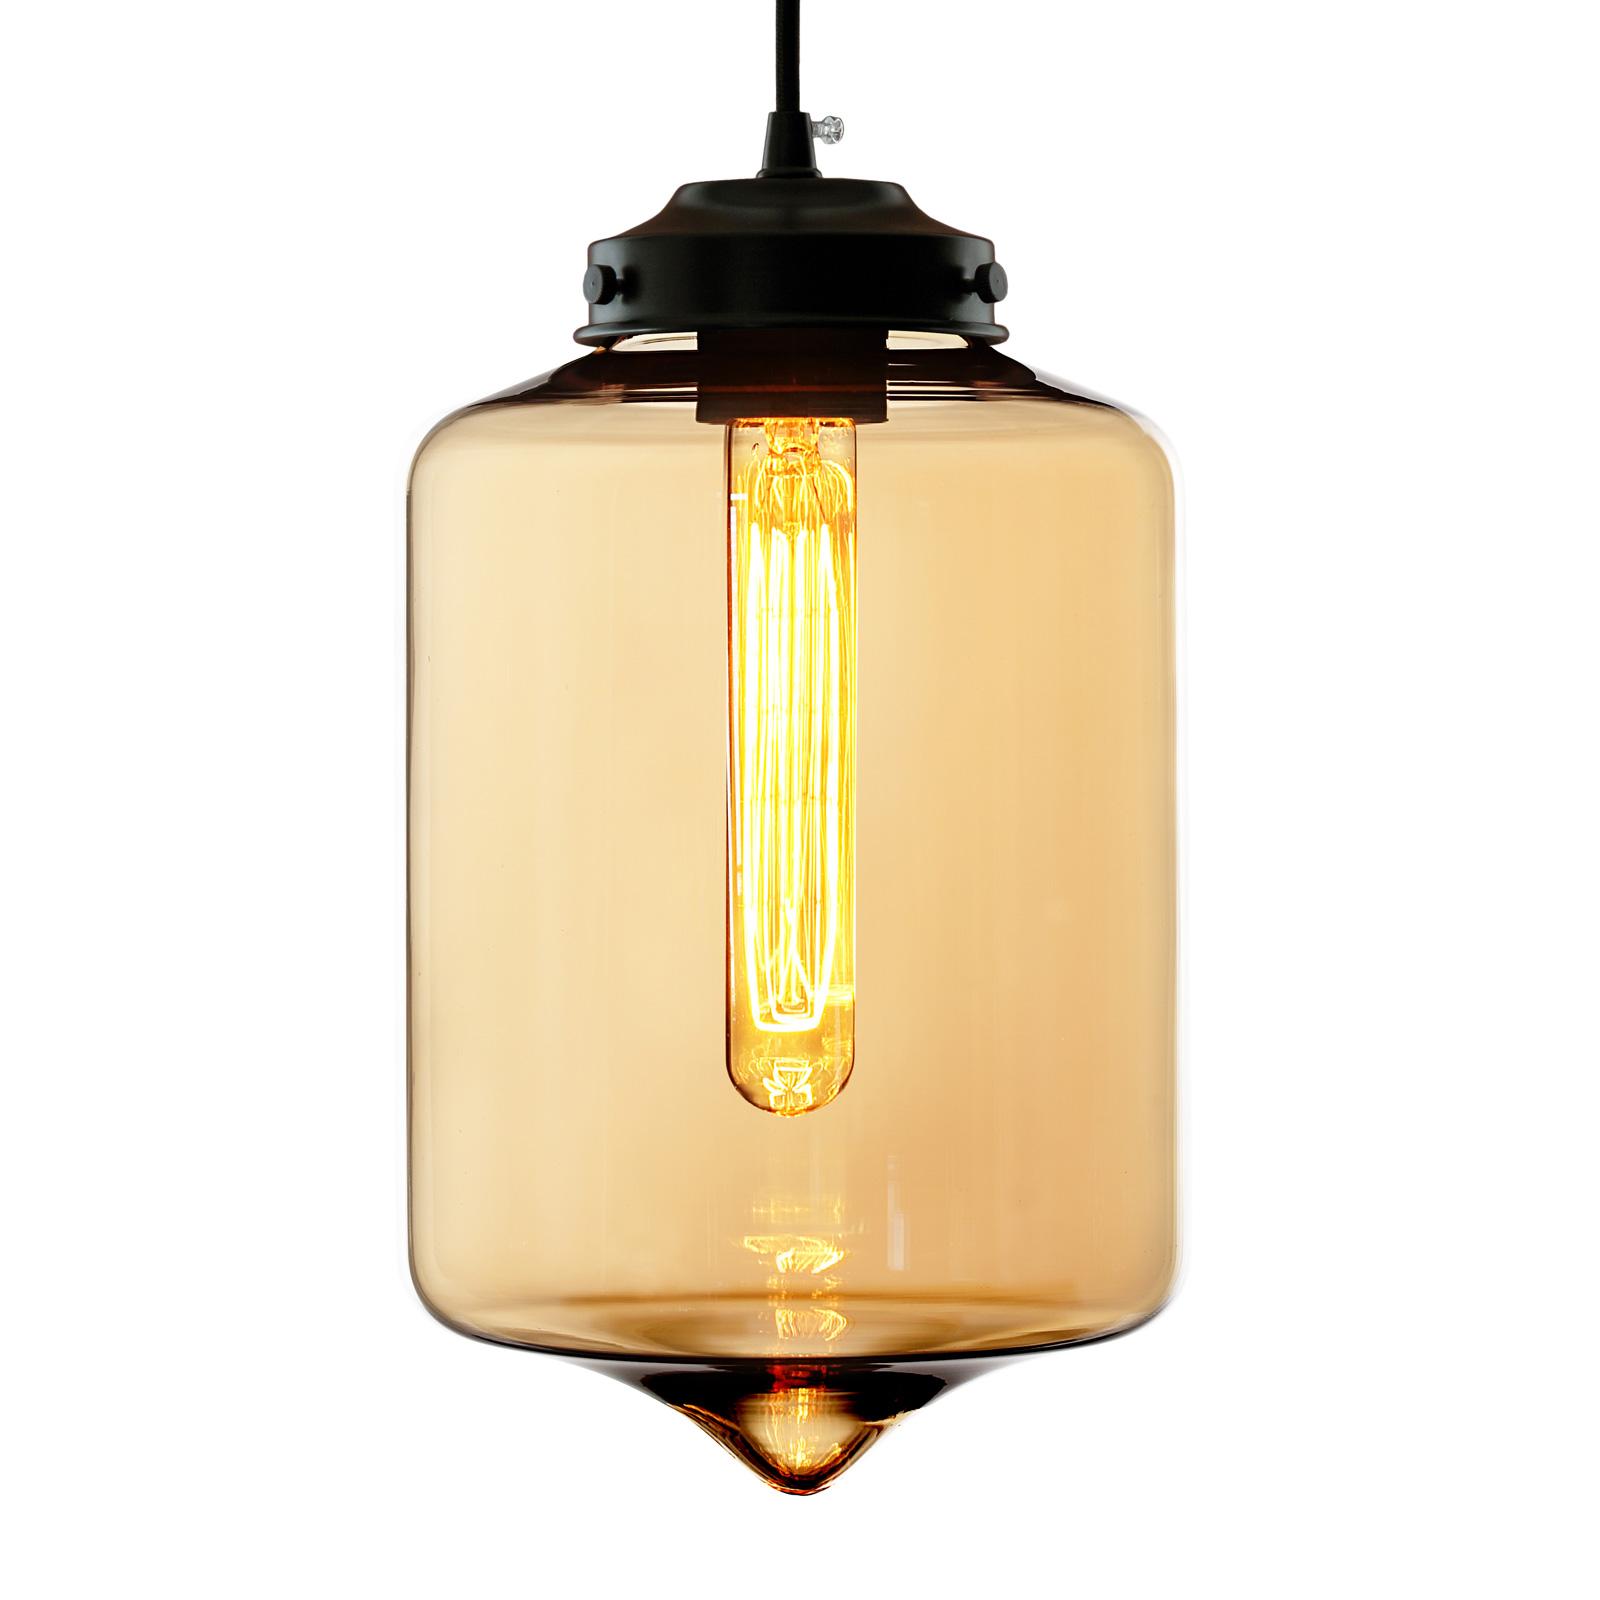 Lampa wisząca LA011 rura E27 klosz bursztynowy